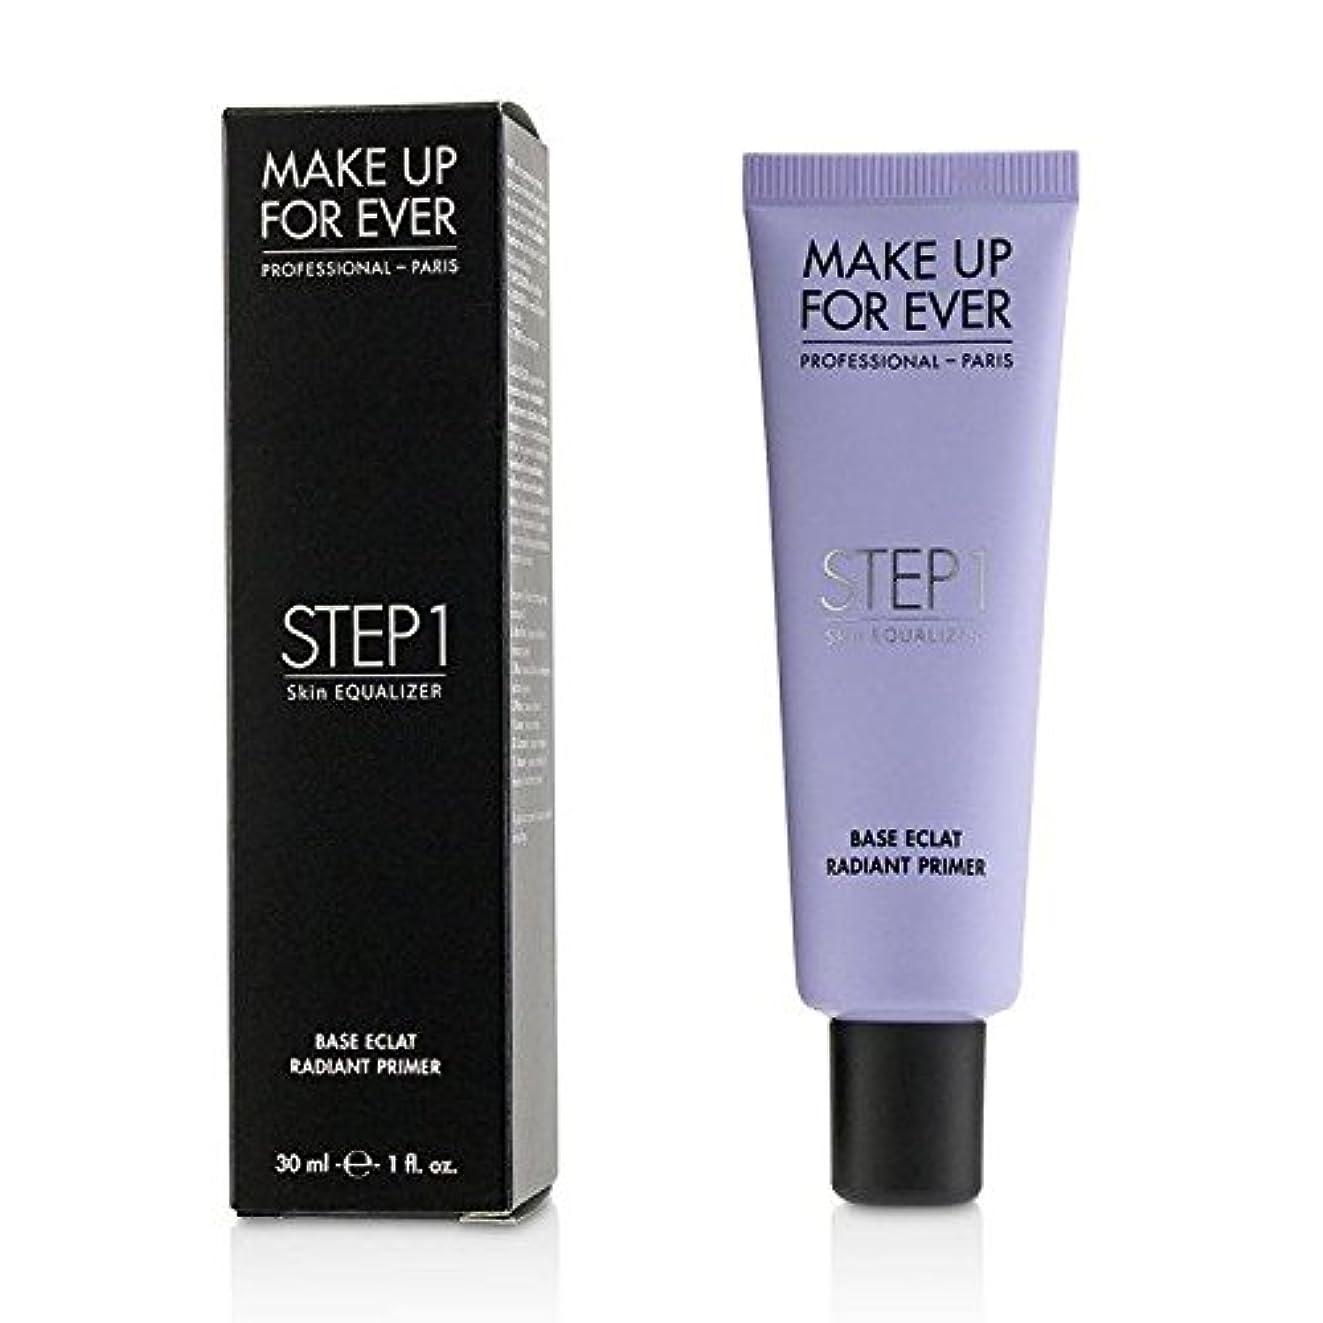 裁判所ぴったりジョージエリオットメイクアップフォーエバー Step 1 Skin Equalizer - #11 Radiant Primer (Mauve) 30ml/1oz並行輸入品